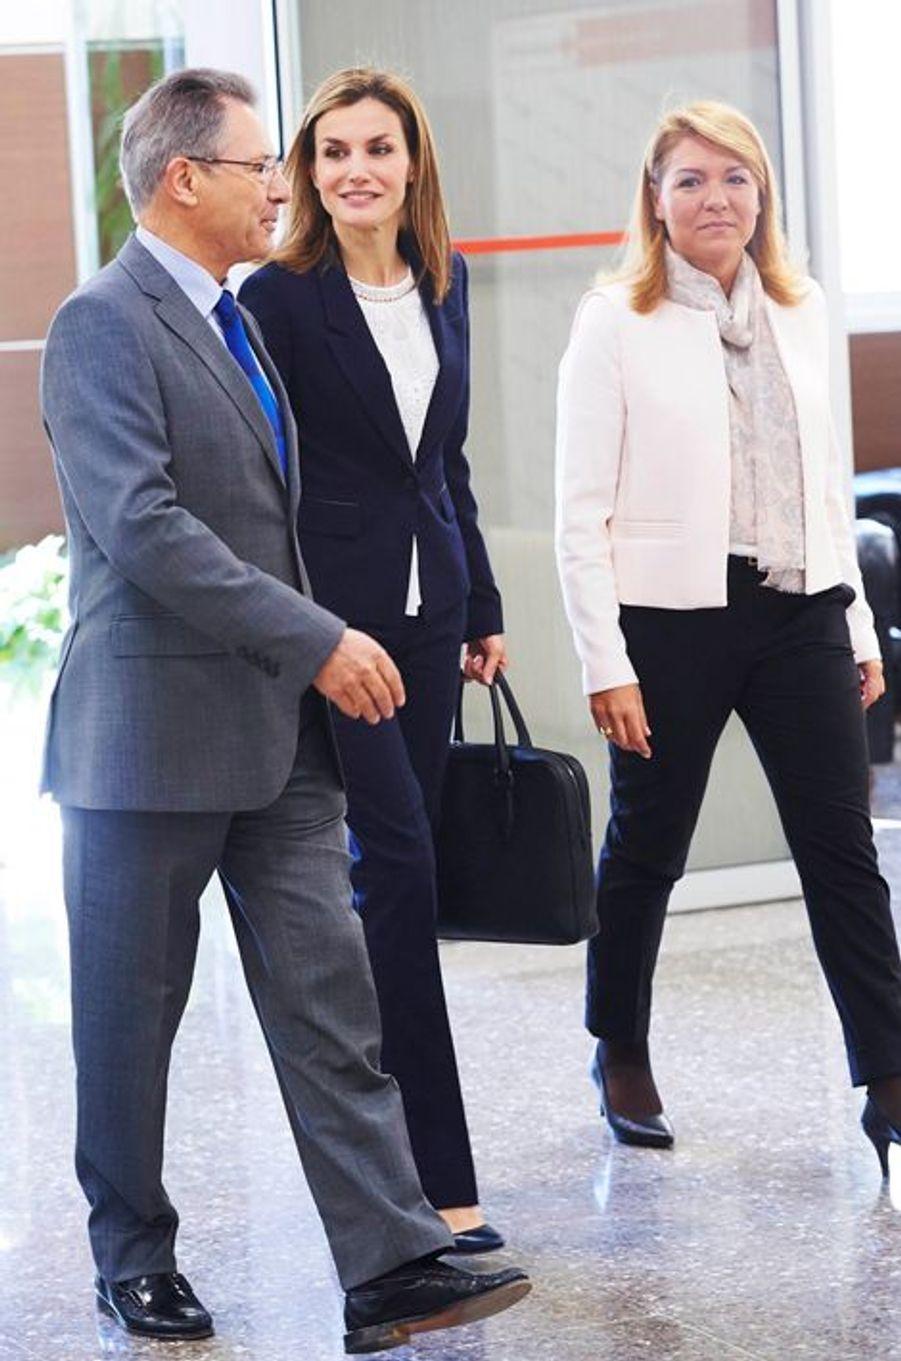 La reine Letizia d'Espagne, avec Susana Camarero et le président de la Croix-Rouge espagnole à Madrid, le 7 avril 2015